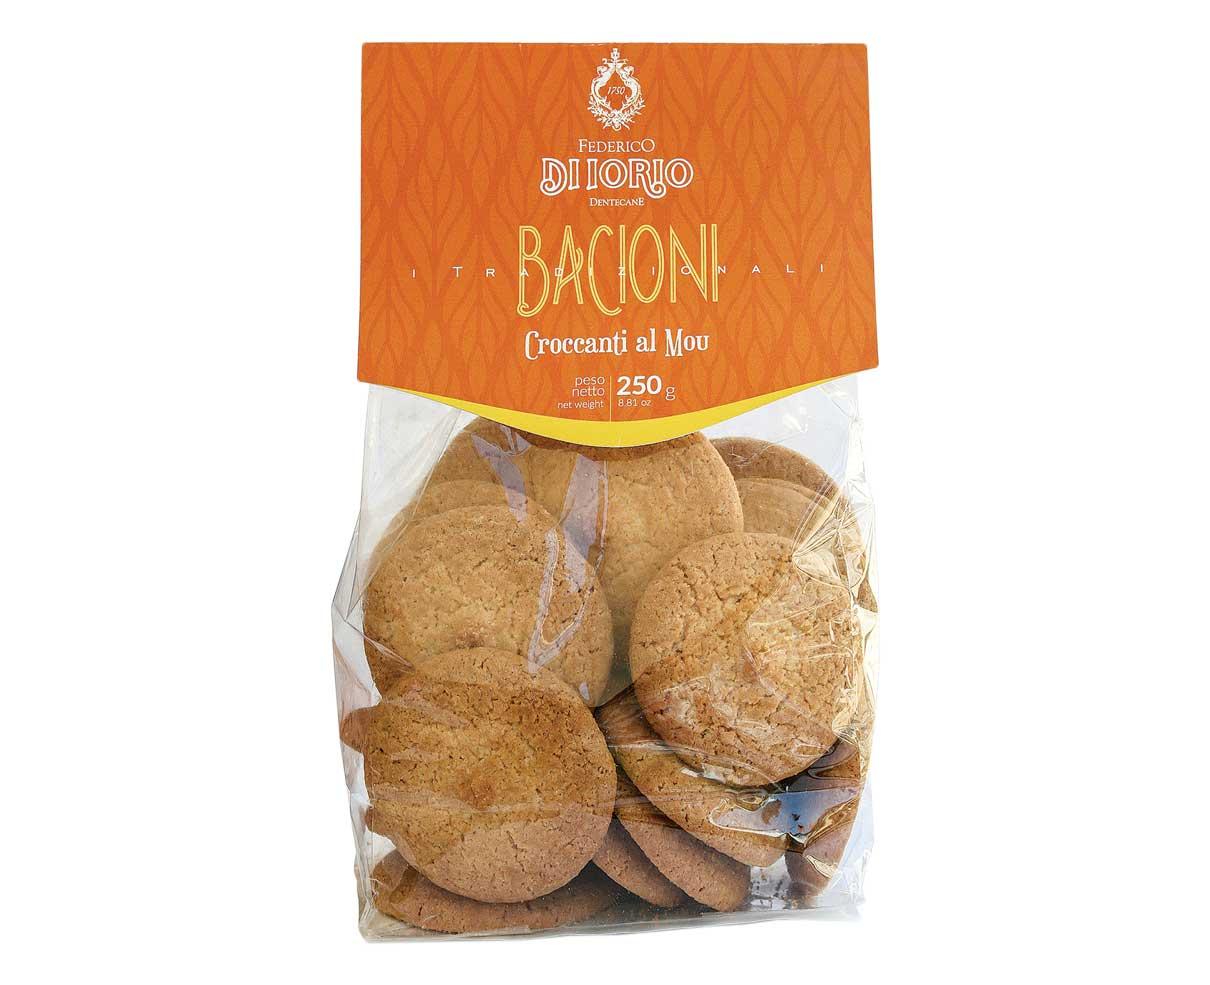 Biscotti bacioni croccanti al mou Di Iorio 250gr